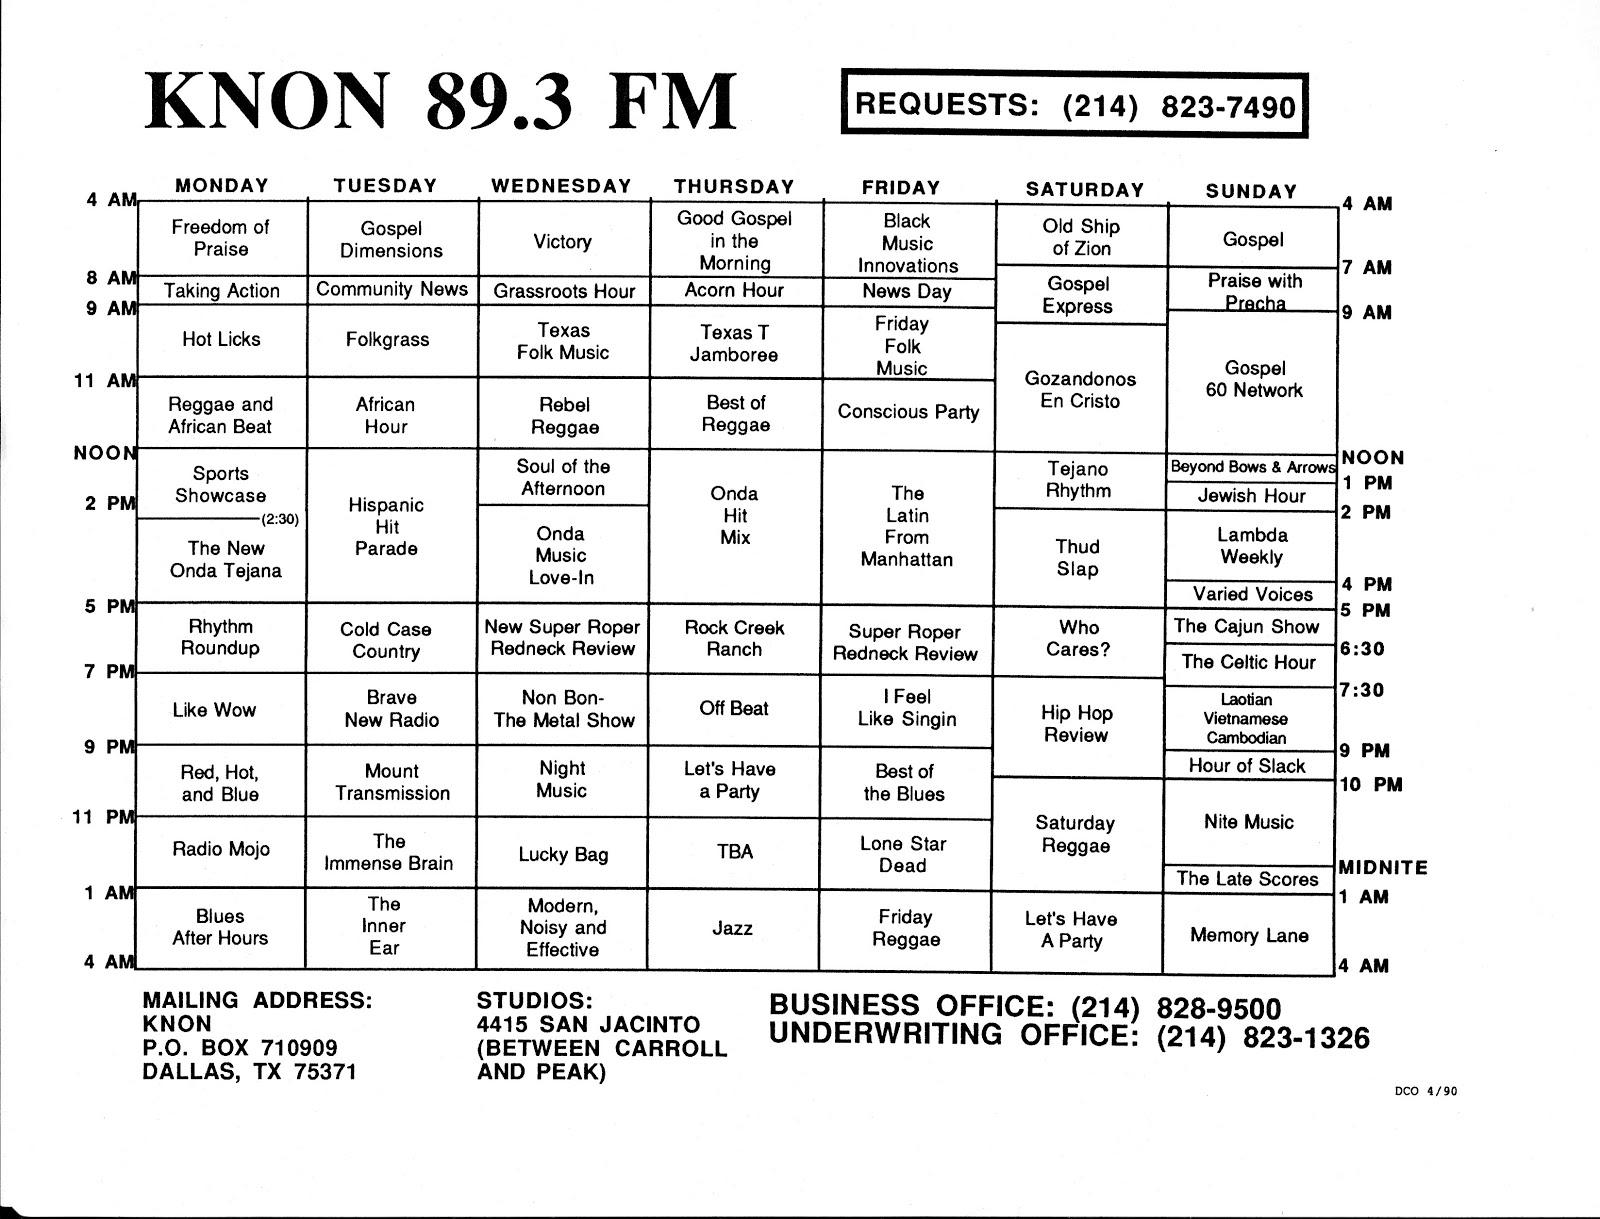 knon-schedule-900401